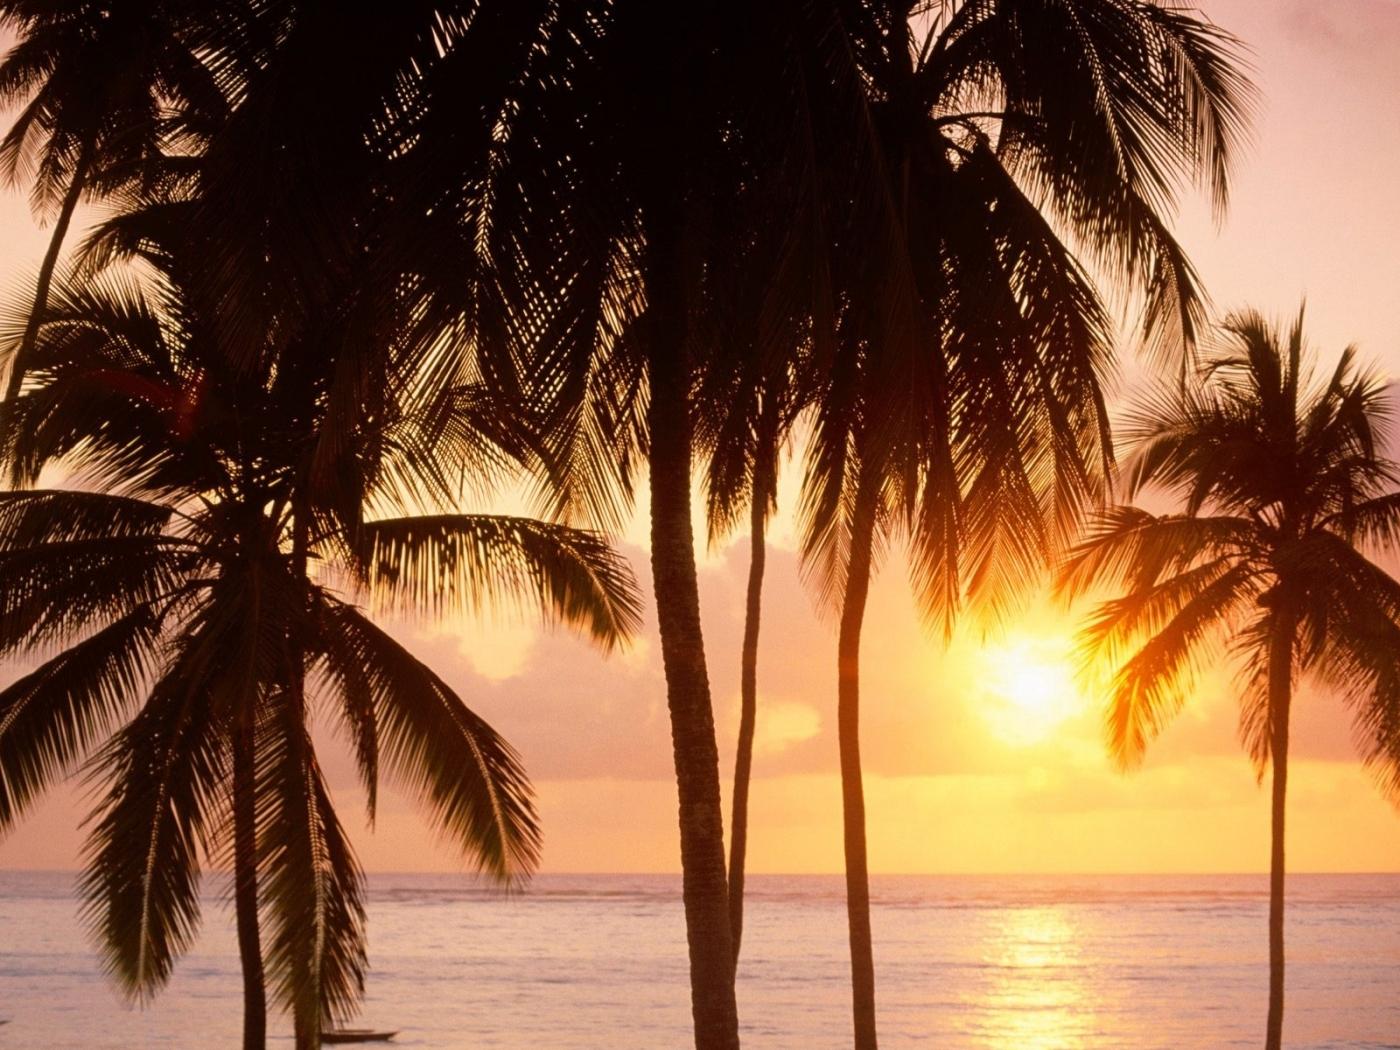 Handy-Wallpaper Landschaft, Sunset, Sea, Palms kostenlos herunterladen.